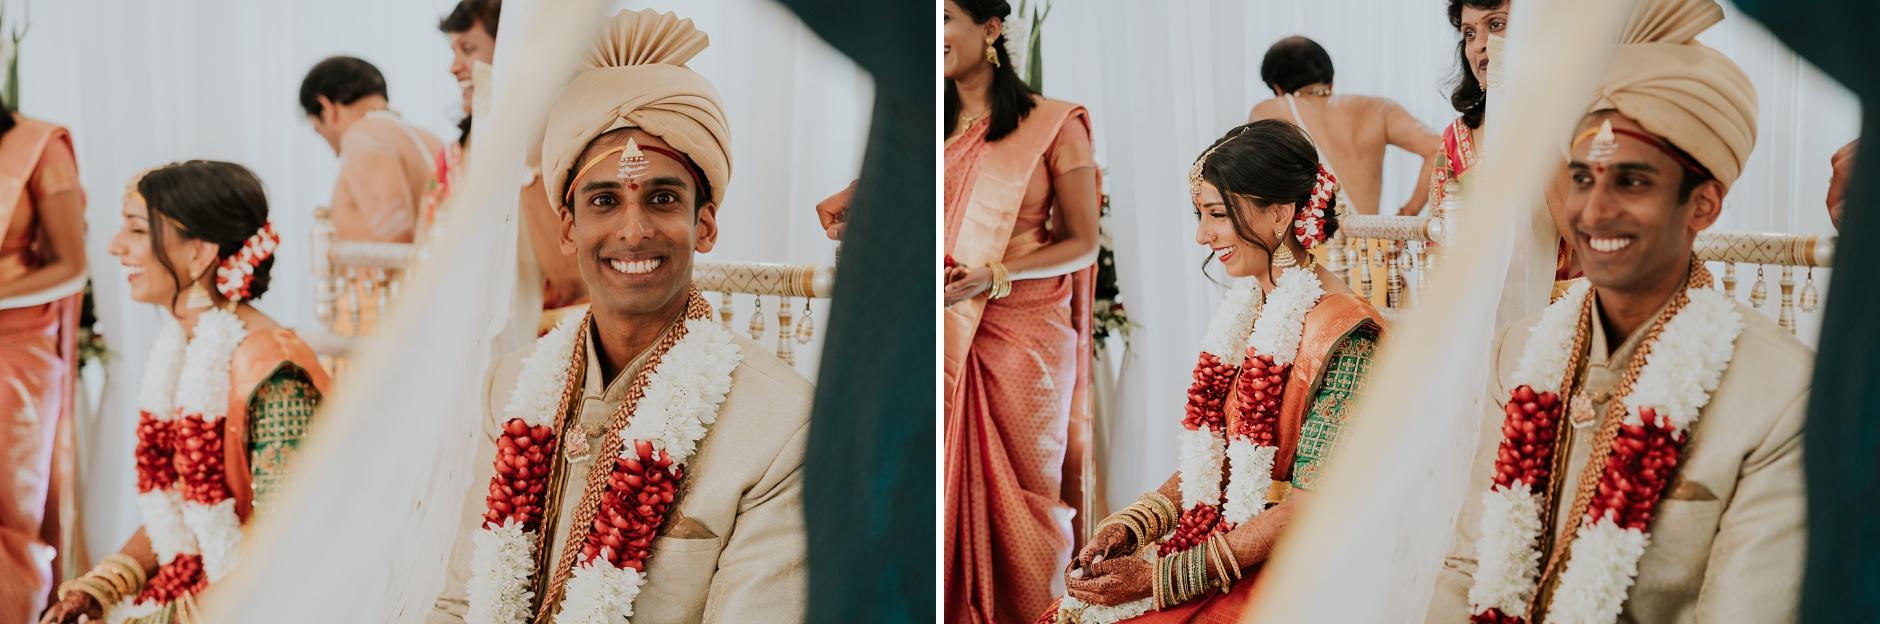 brahman&priyanka0480a_Byron-Bay-Wedding.jpg